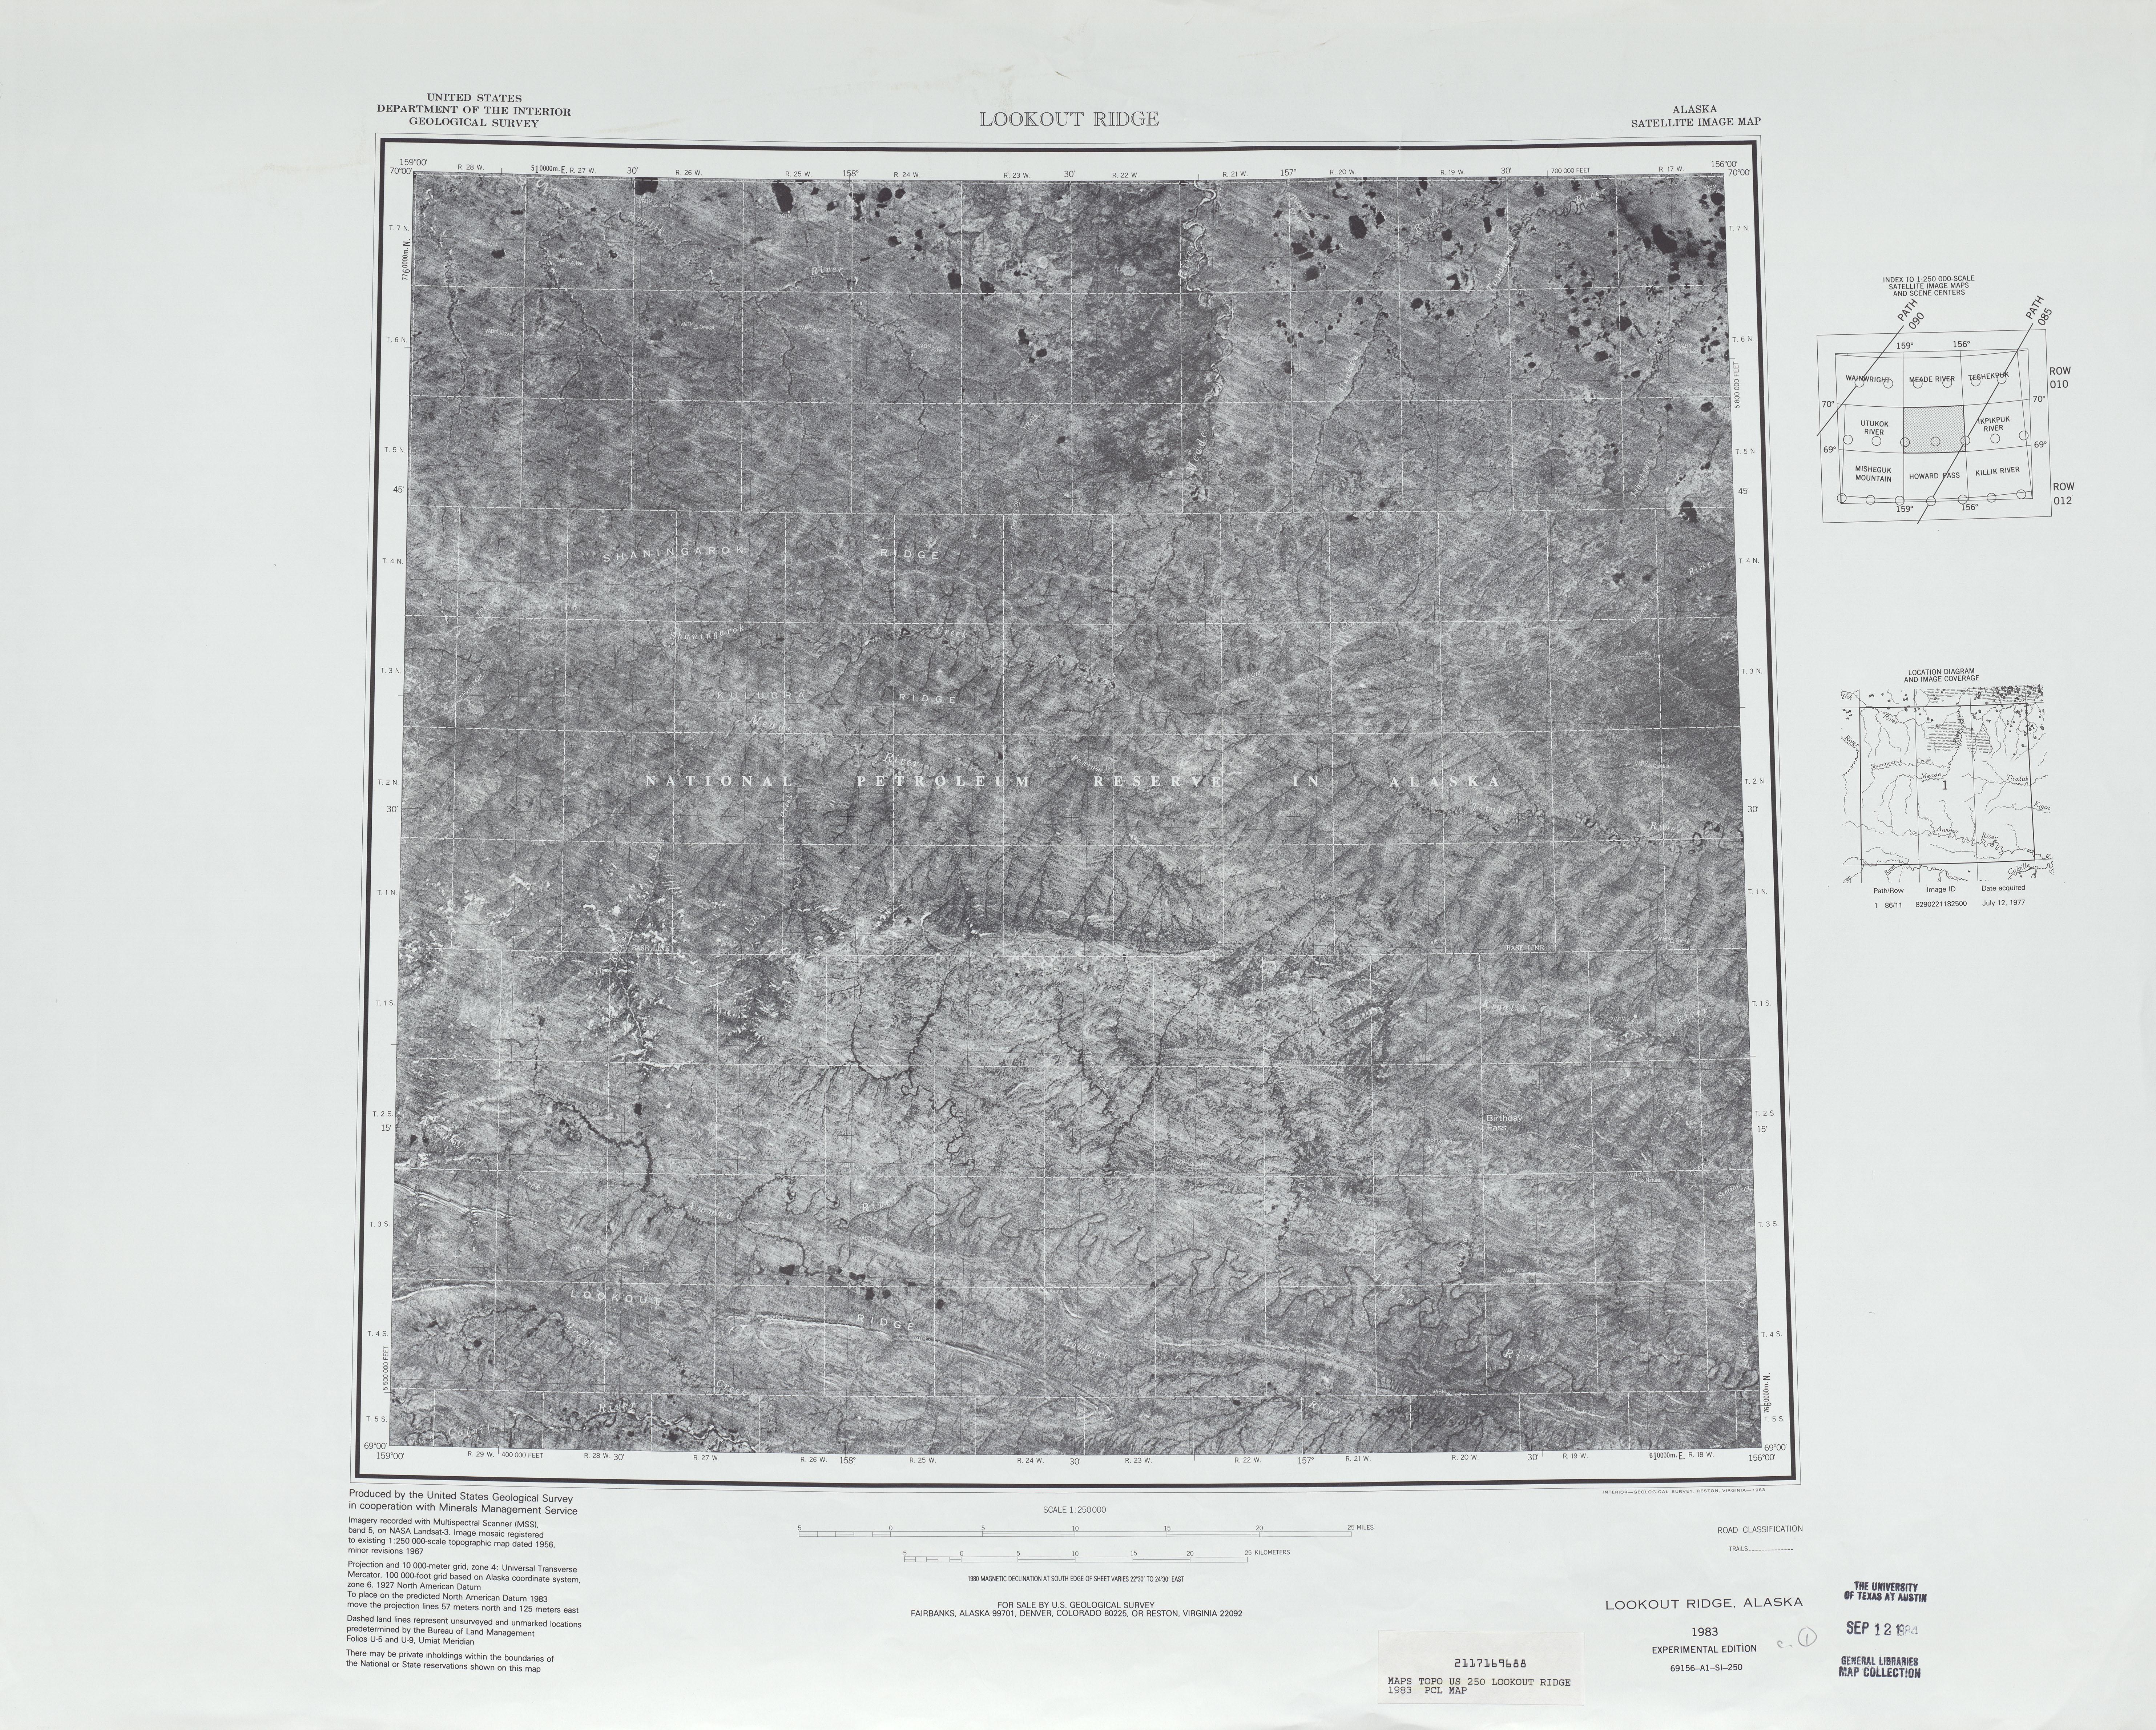 Hoja Lookout Ridge de la Imagen Satelital de los Estados Unidos 1983